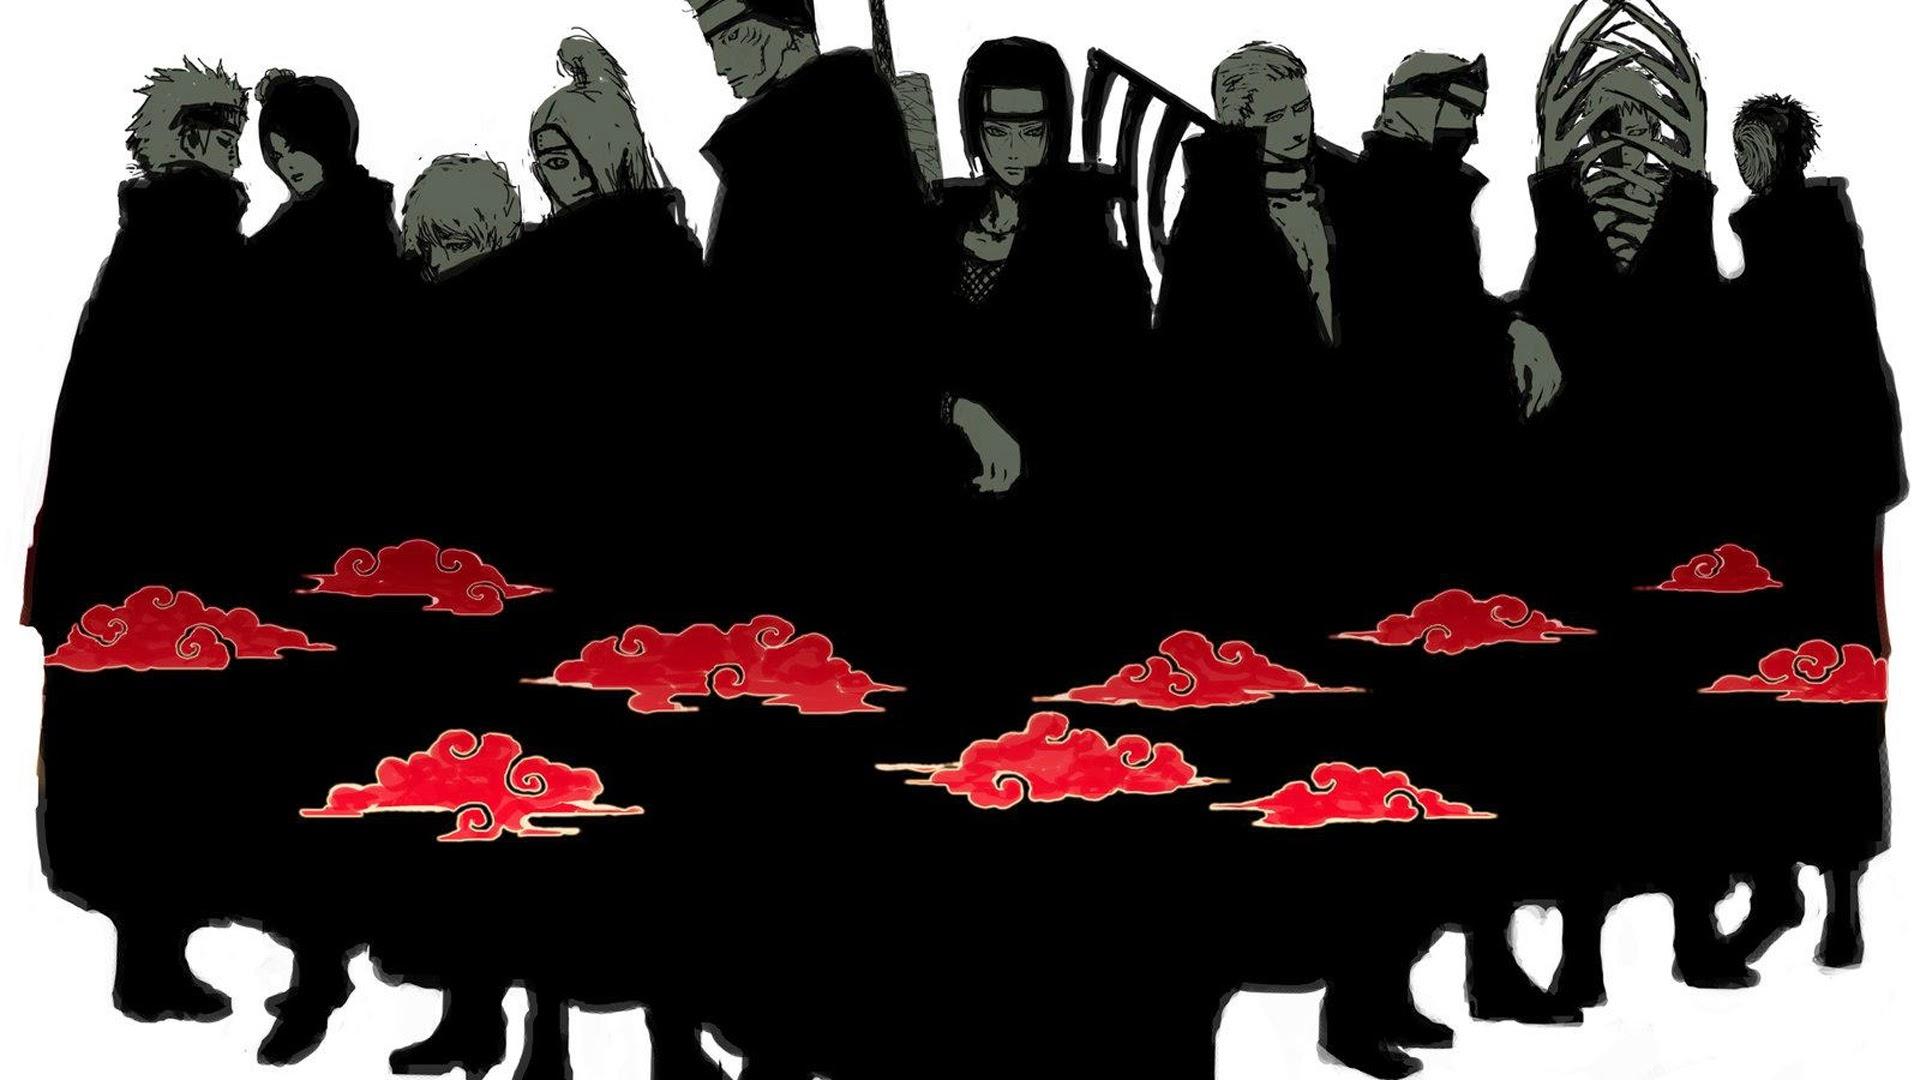 Unduh 700 Wallpaper Akatsuki Pain Konan HD